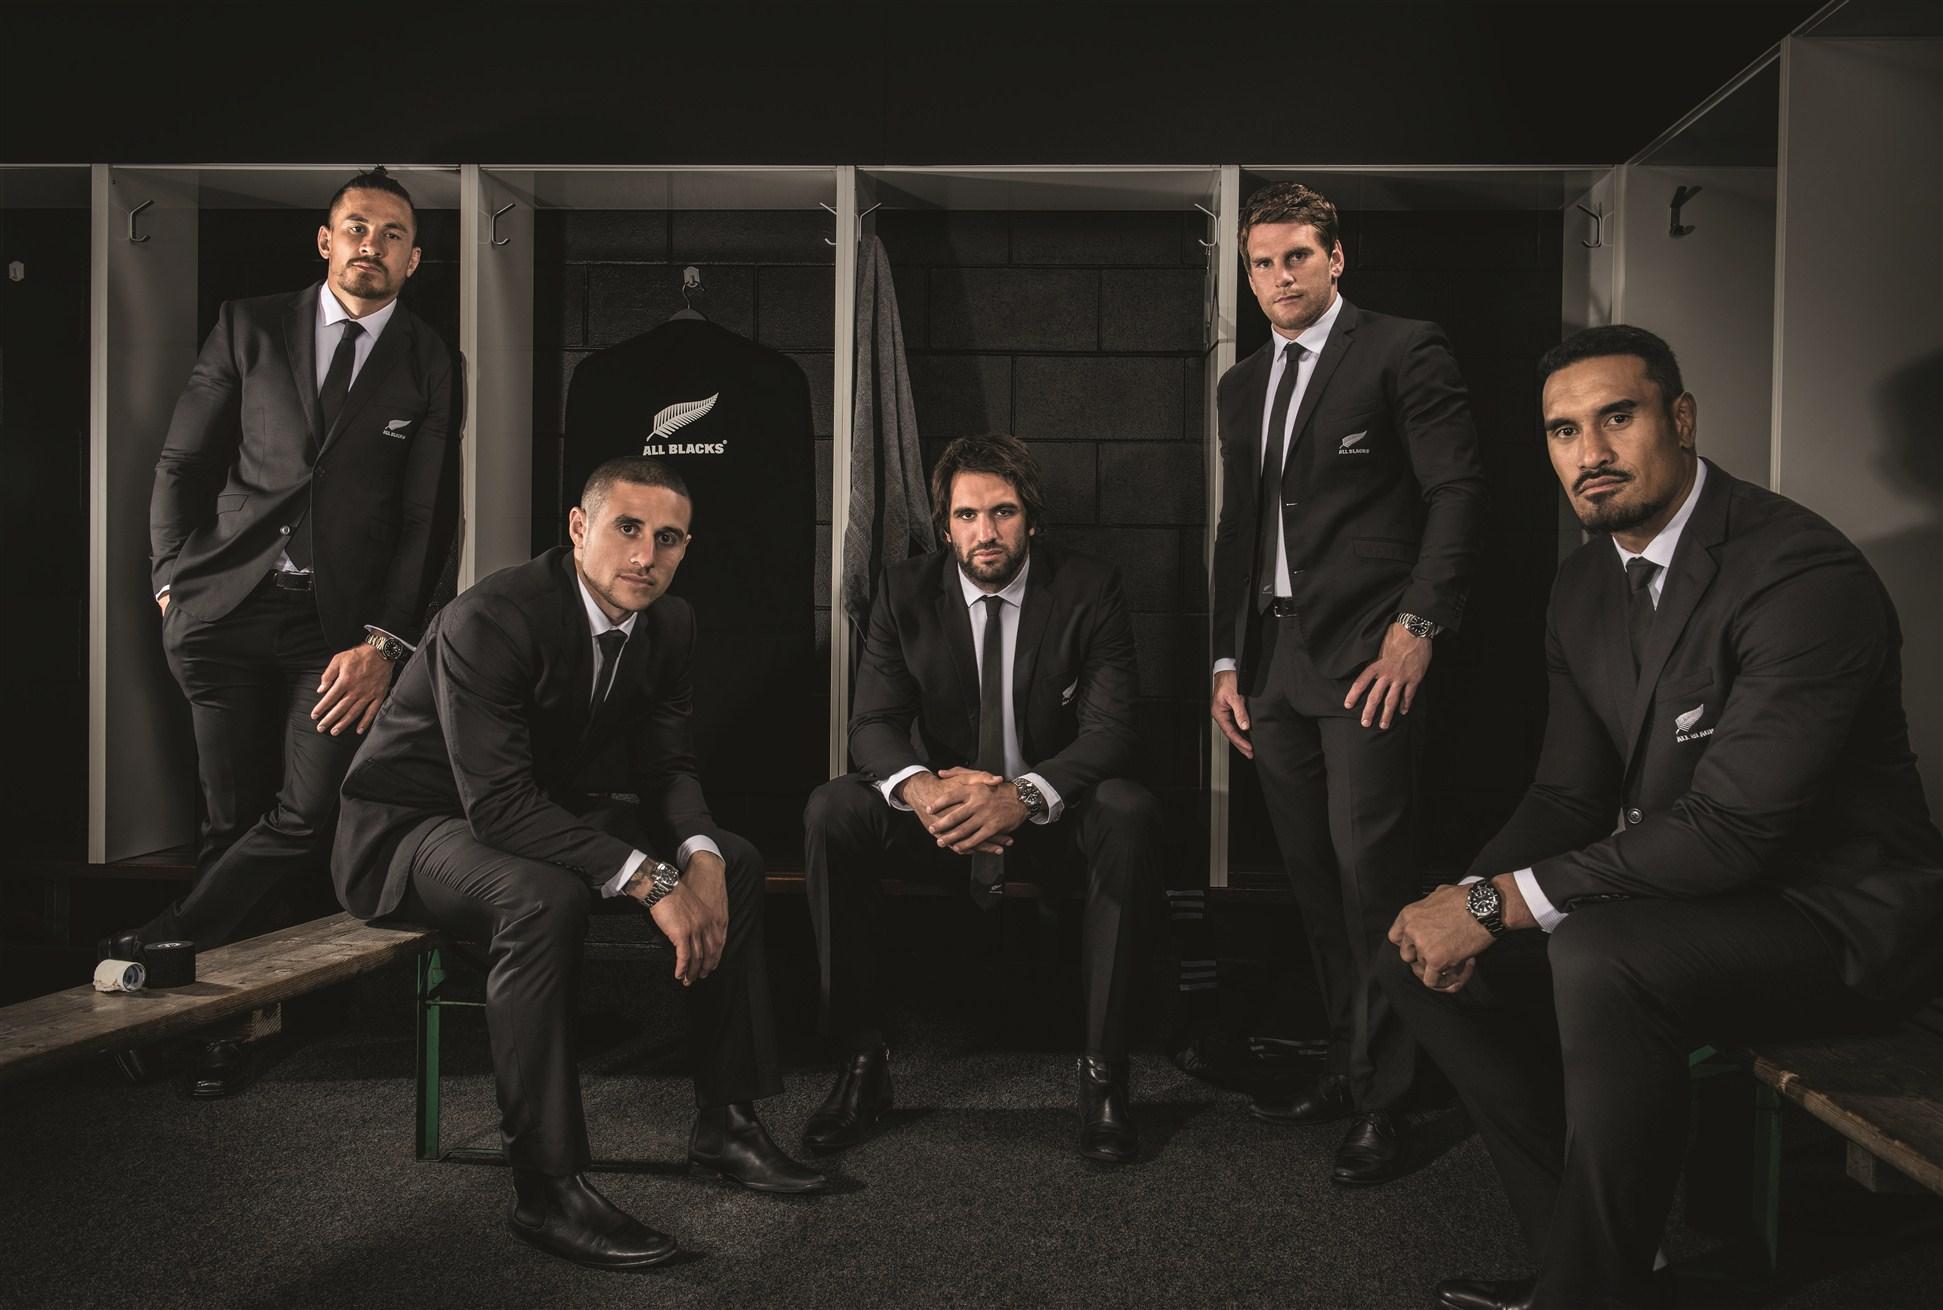 Hình ảnh các thành viên trong đội bóng bầu dục nổi tiếng All Blacks với đồng hồ Tudor.